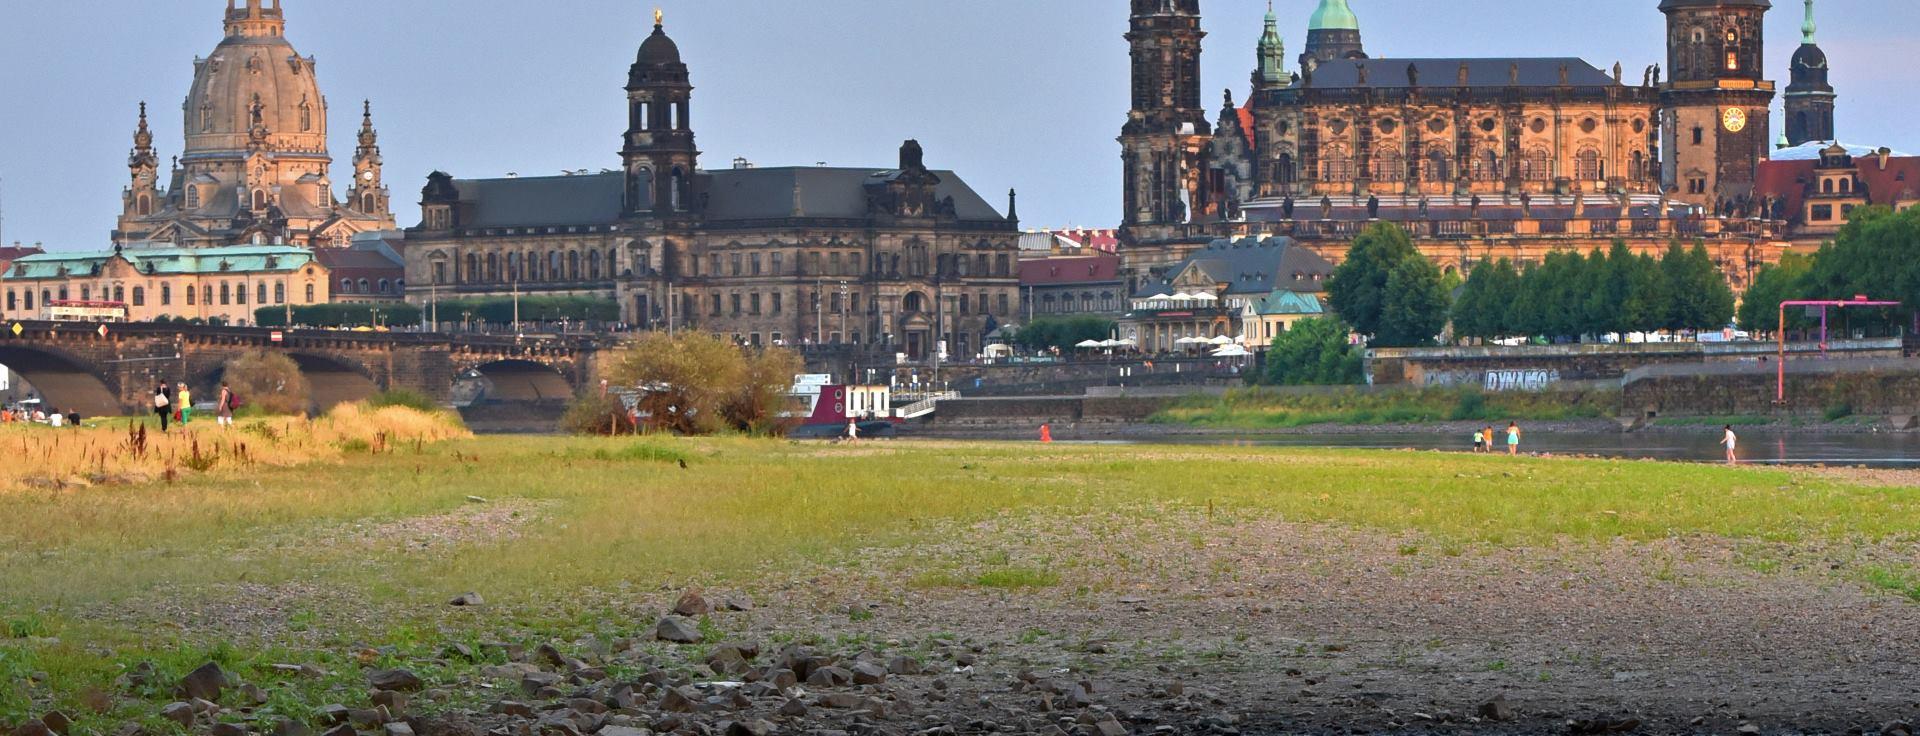 DRESDEN Rekordno niski vodostaj rijeke Elbe